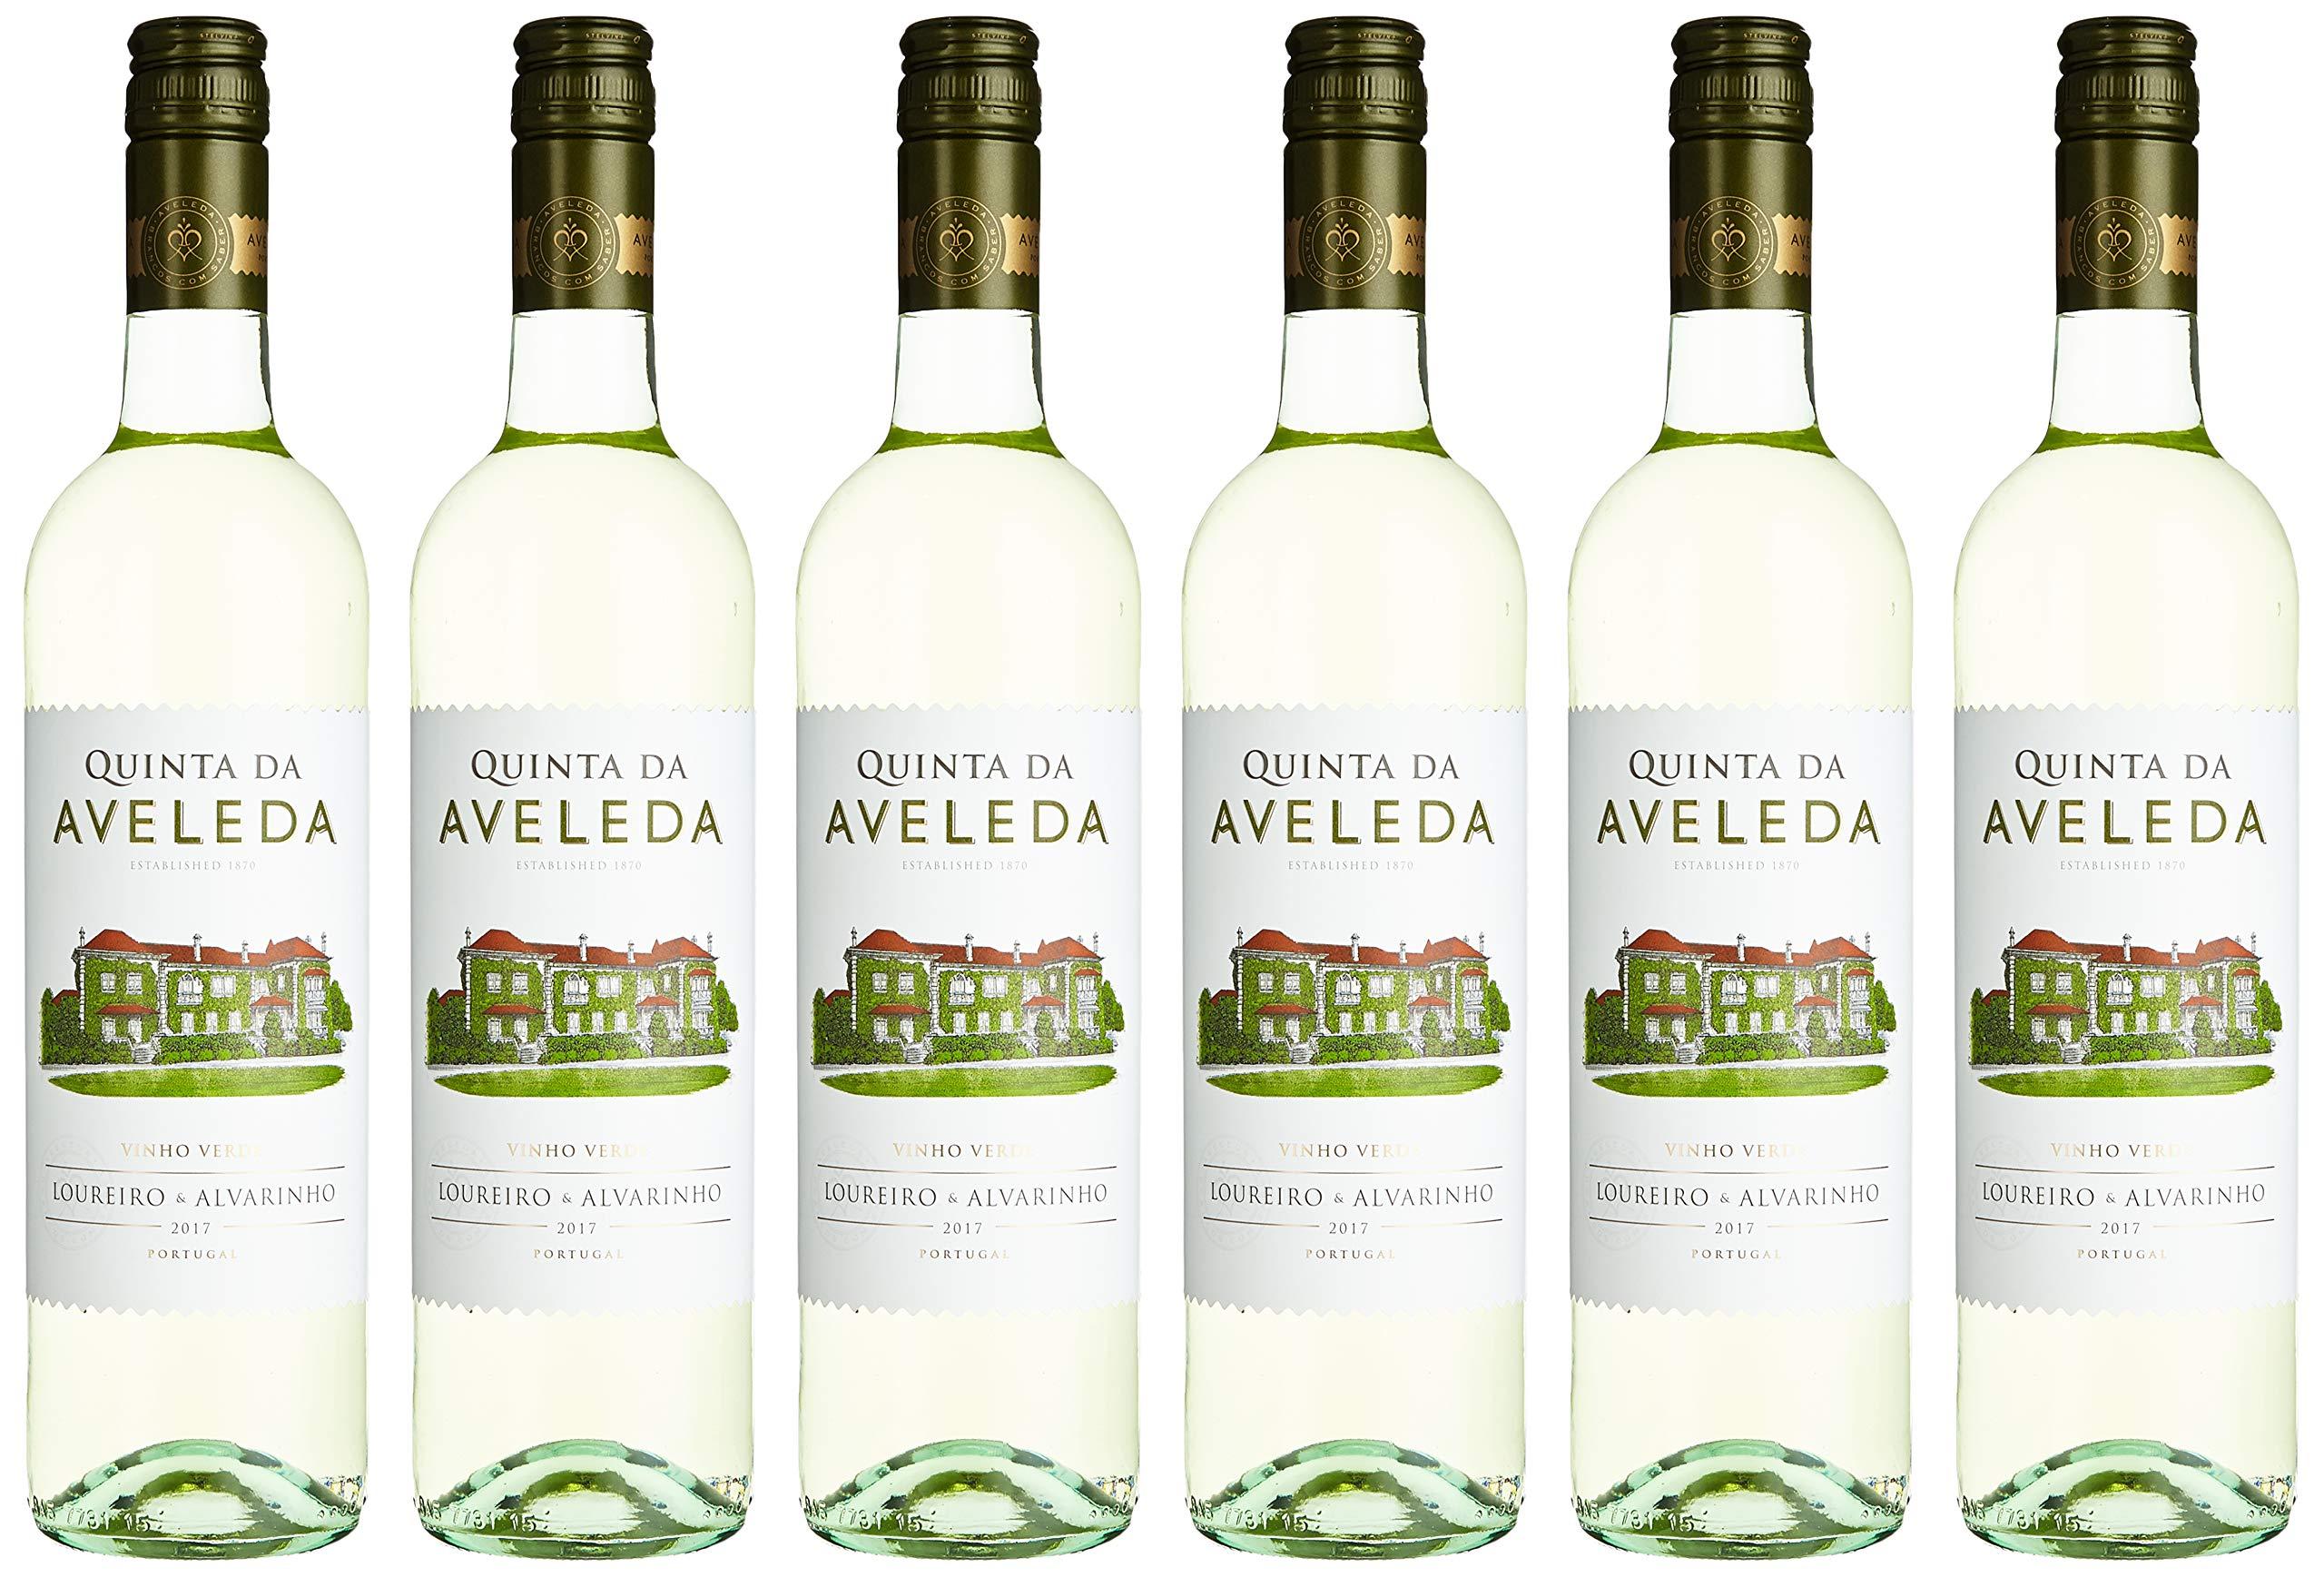 QUINTA-DA-AVELEDA-Weiwein-6-x-075-l